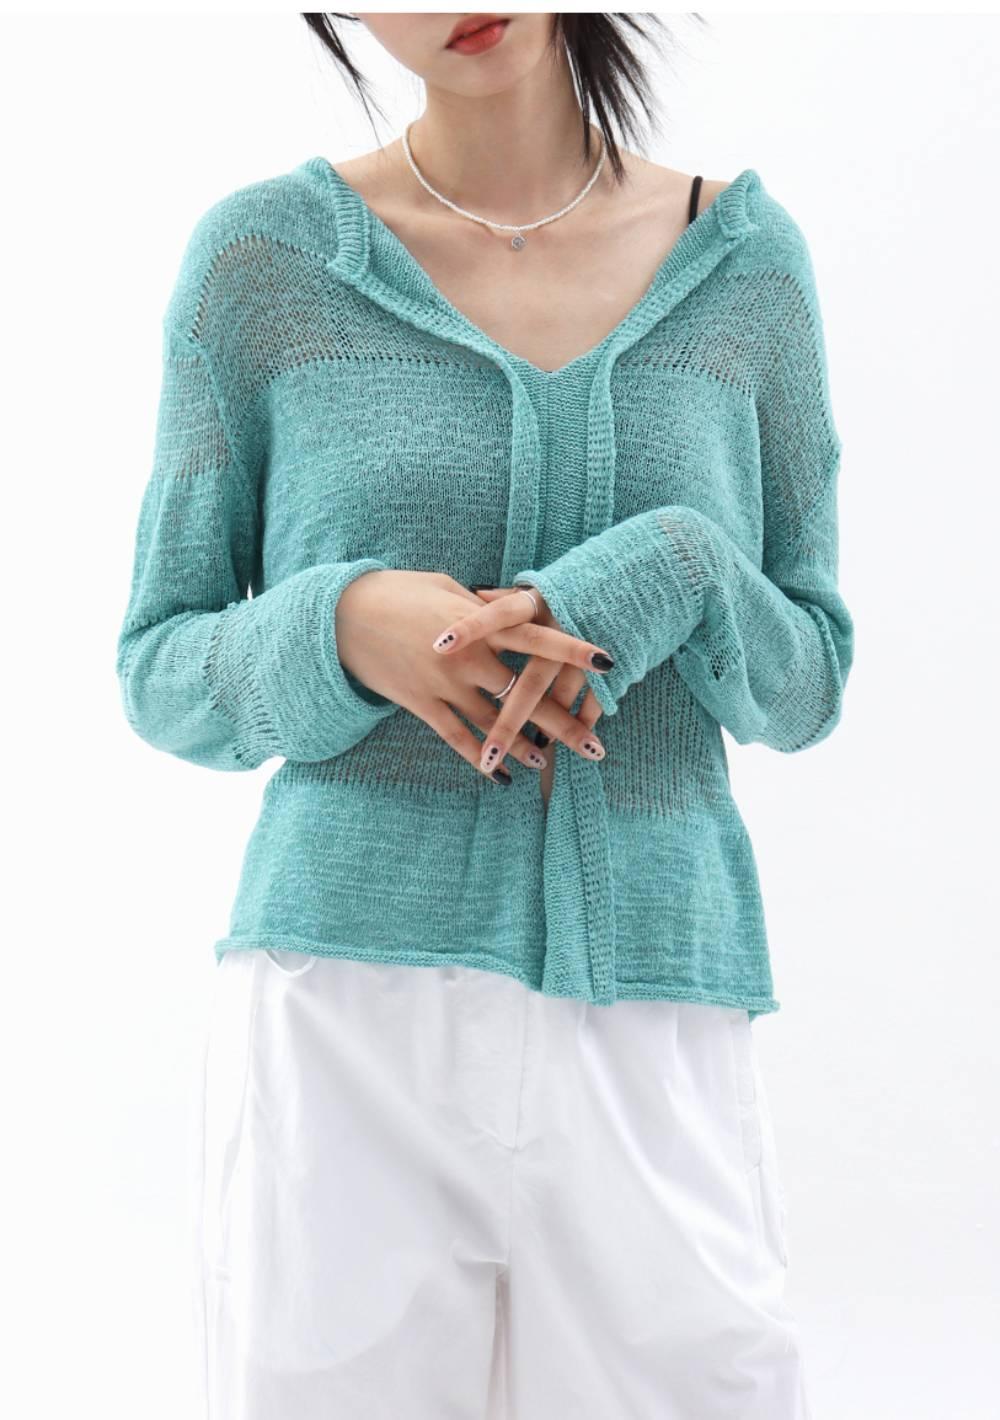 Head Knit Top